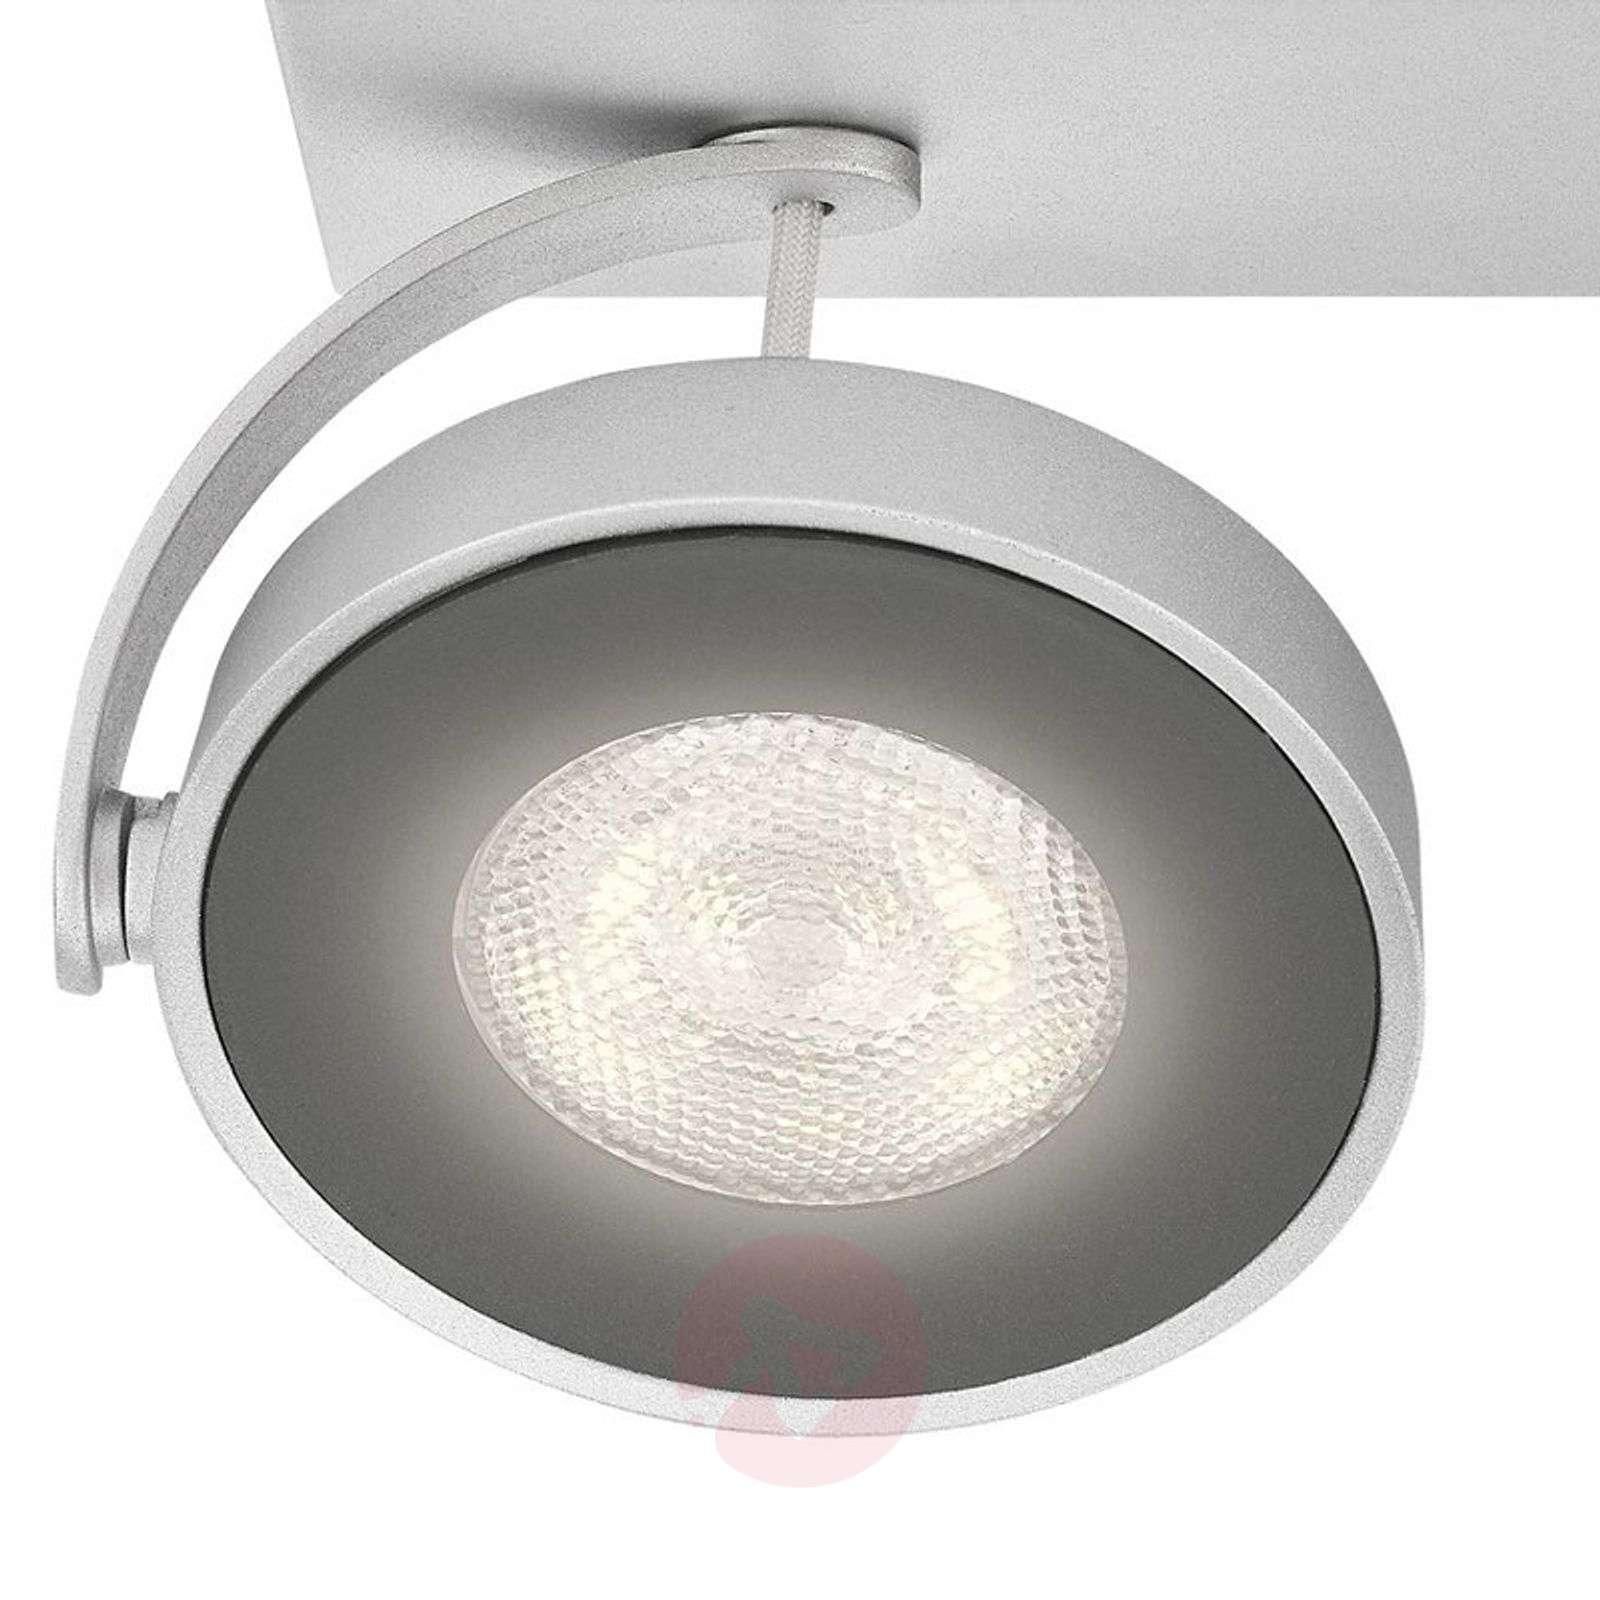 Alumiininvärinen LED-kattovalaisin Clockwork-7531740-01